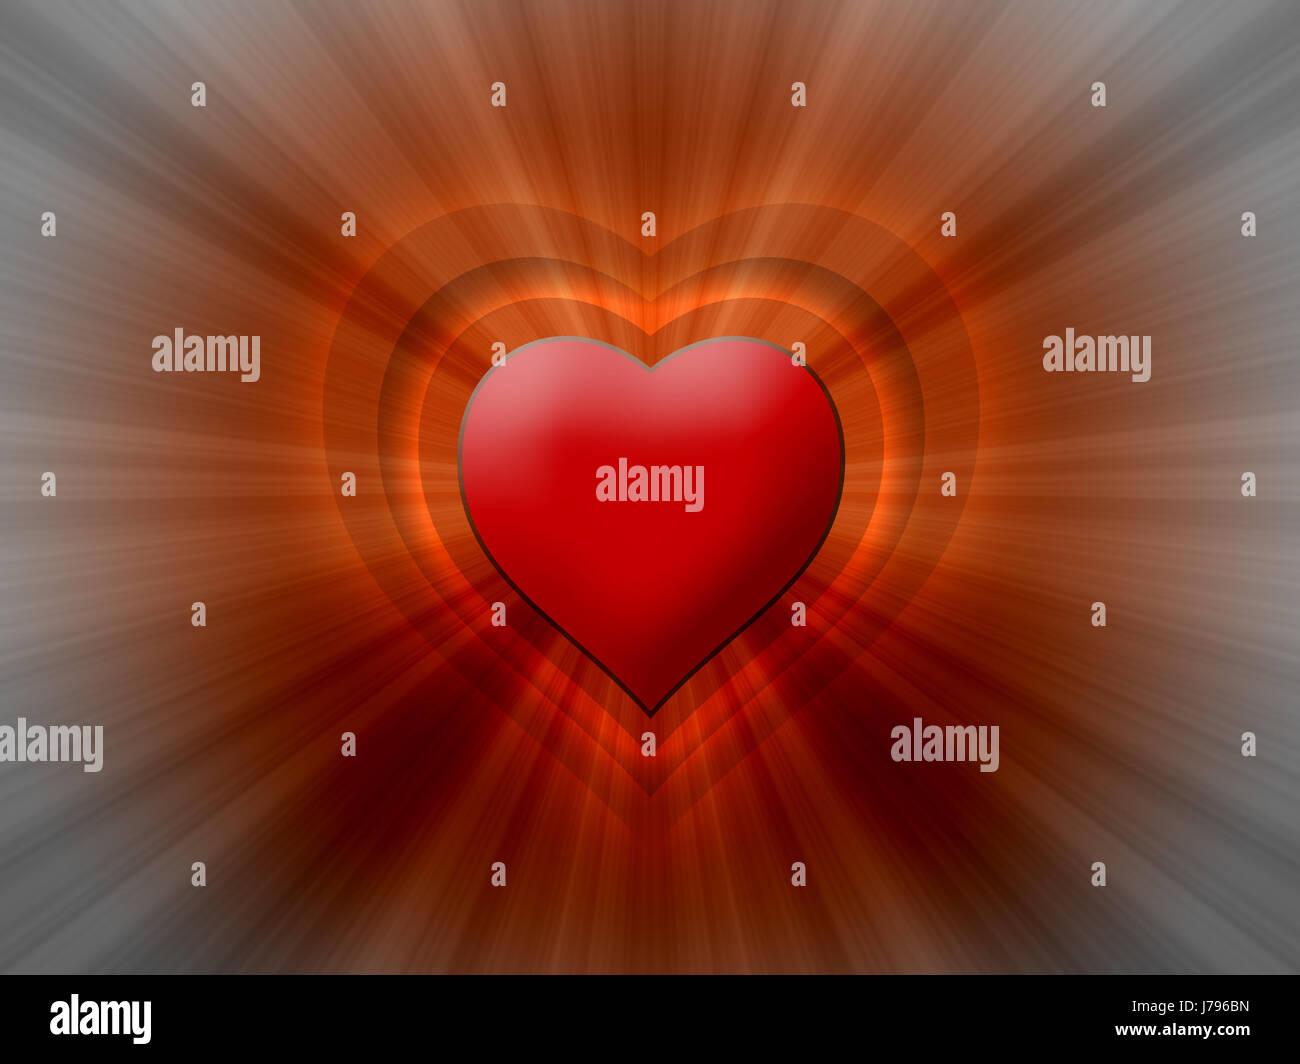 heart light 03 - Stock Image